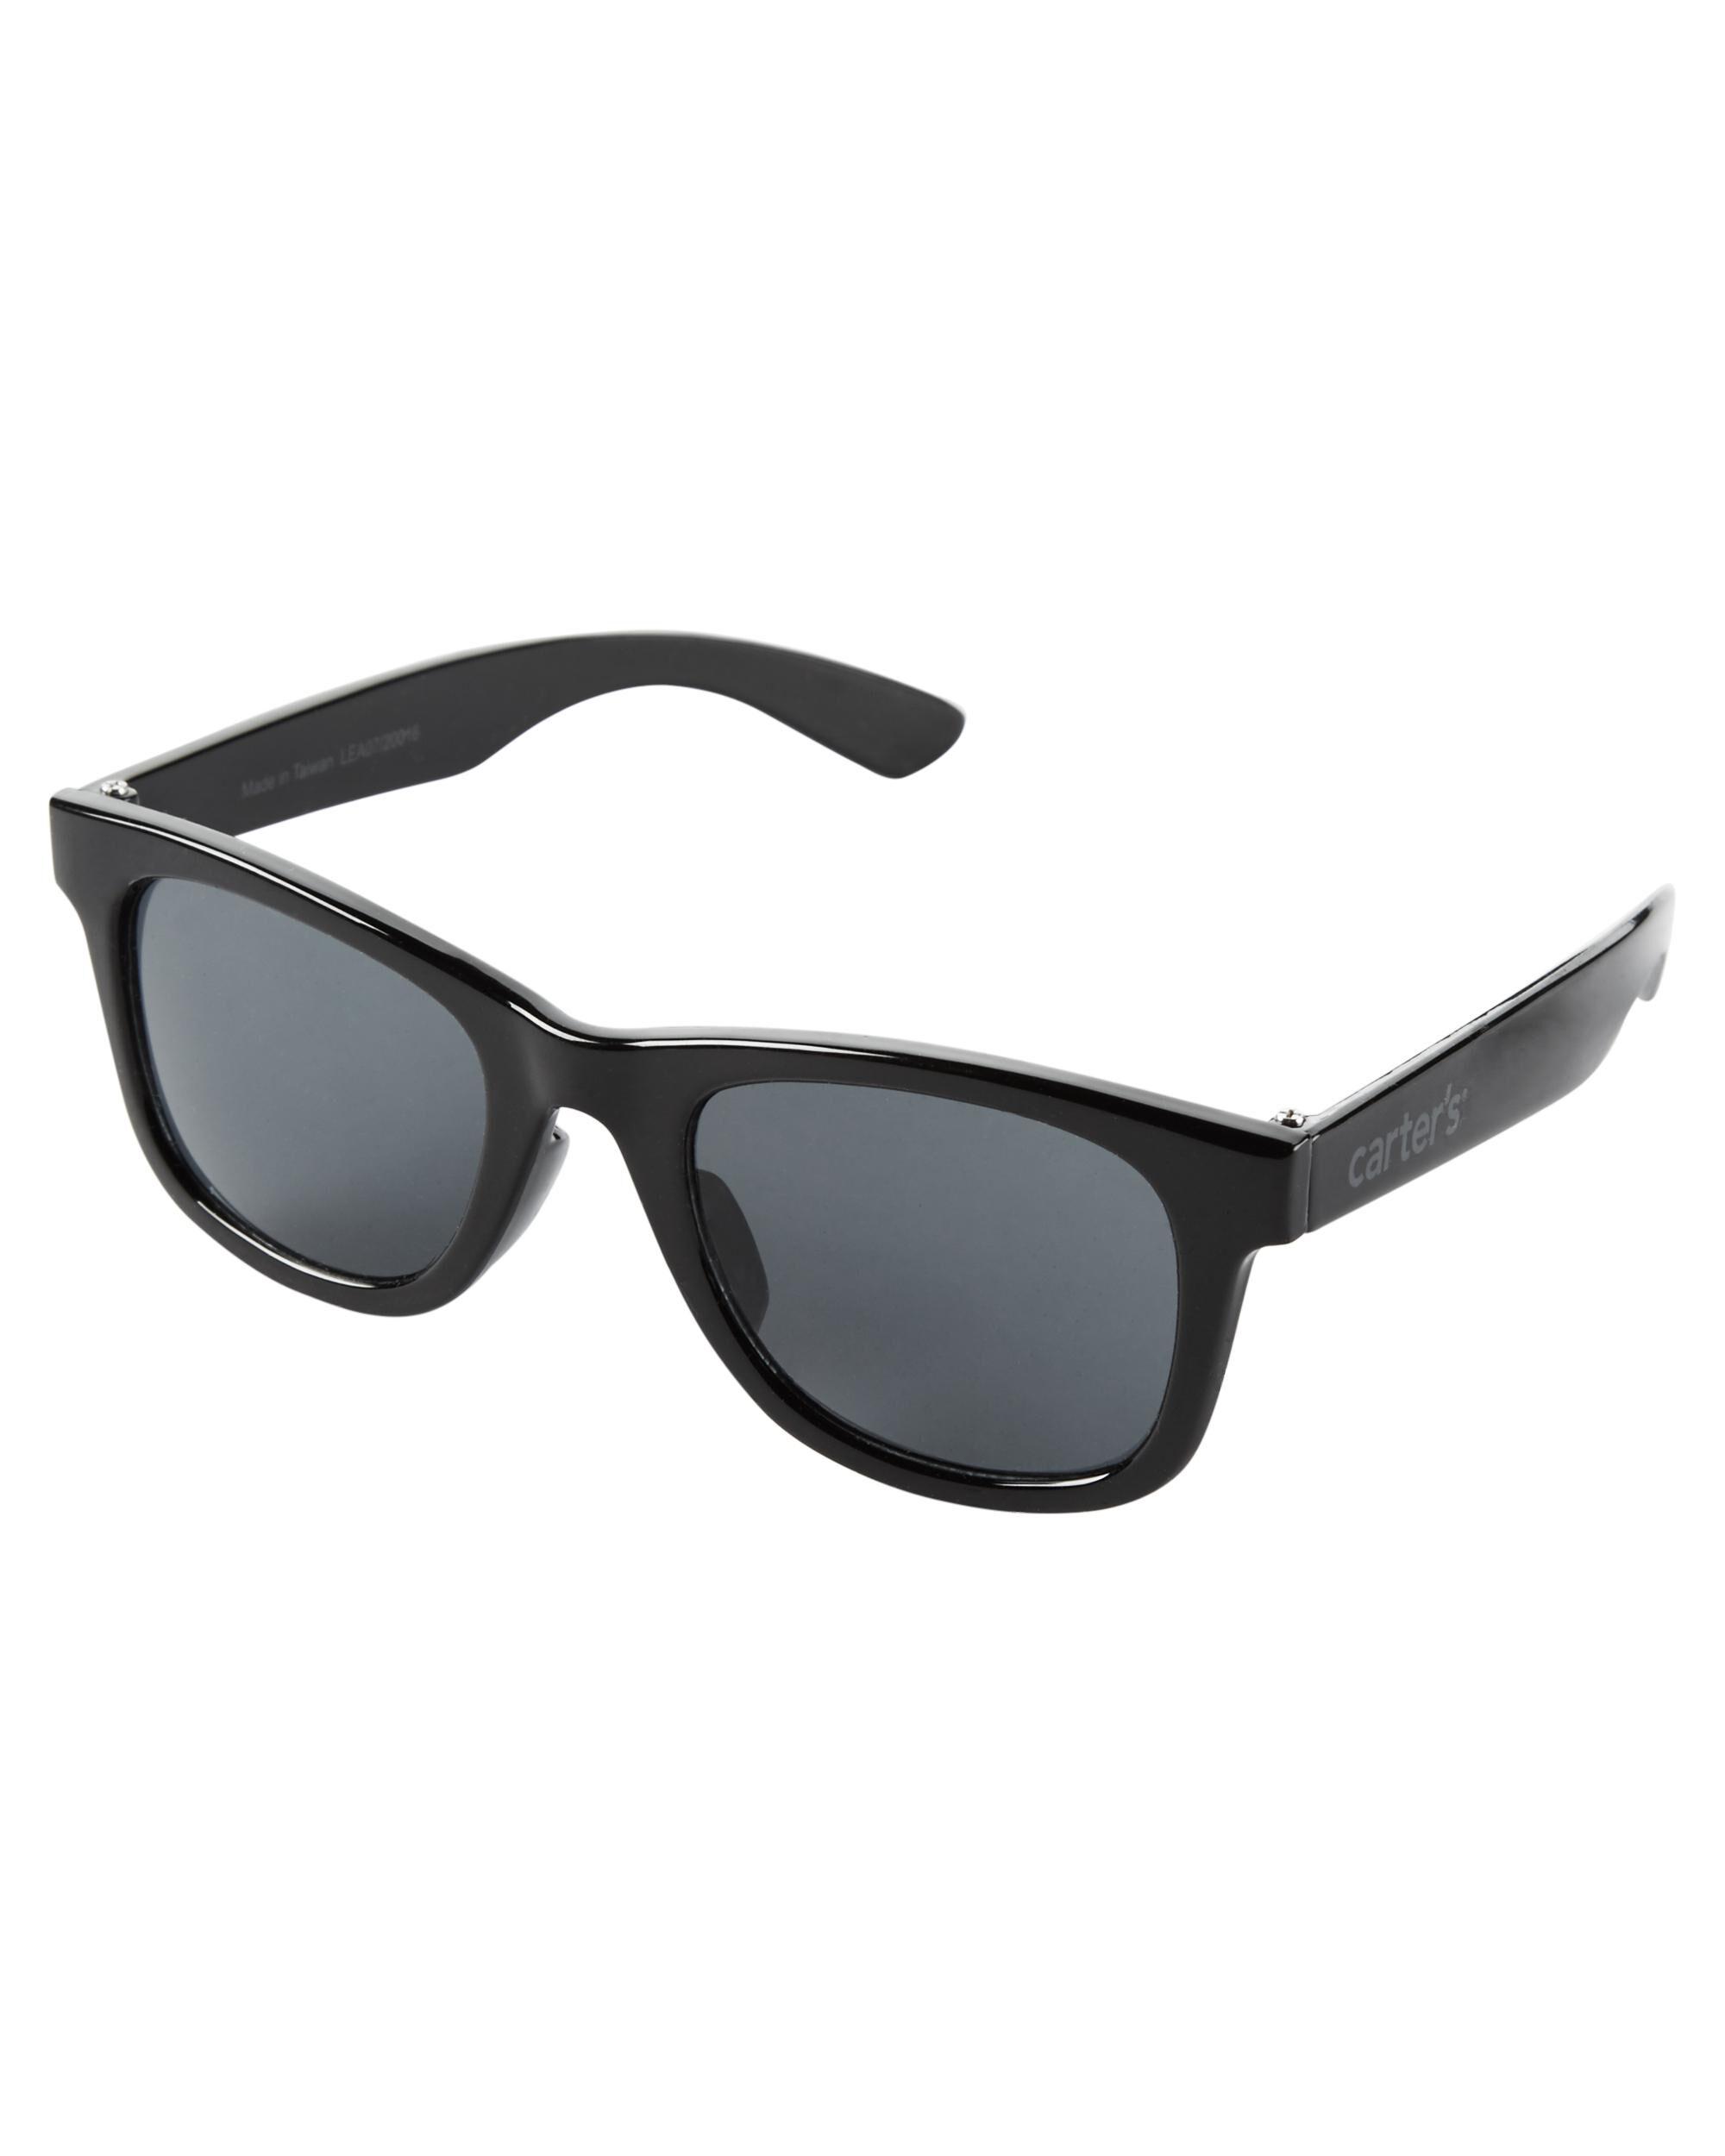 Oshkoshbgosh Classic Sunglasses